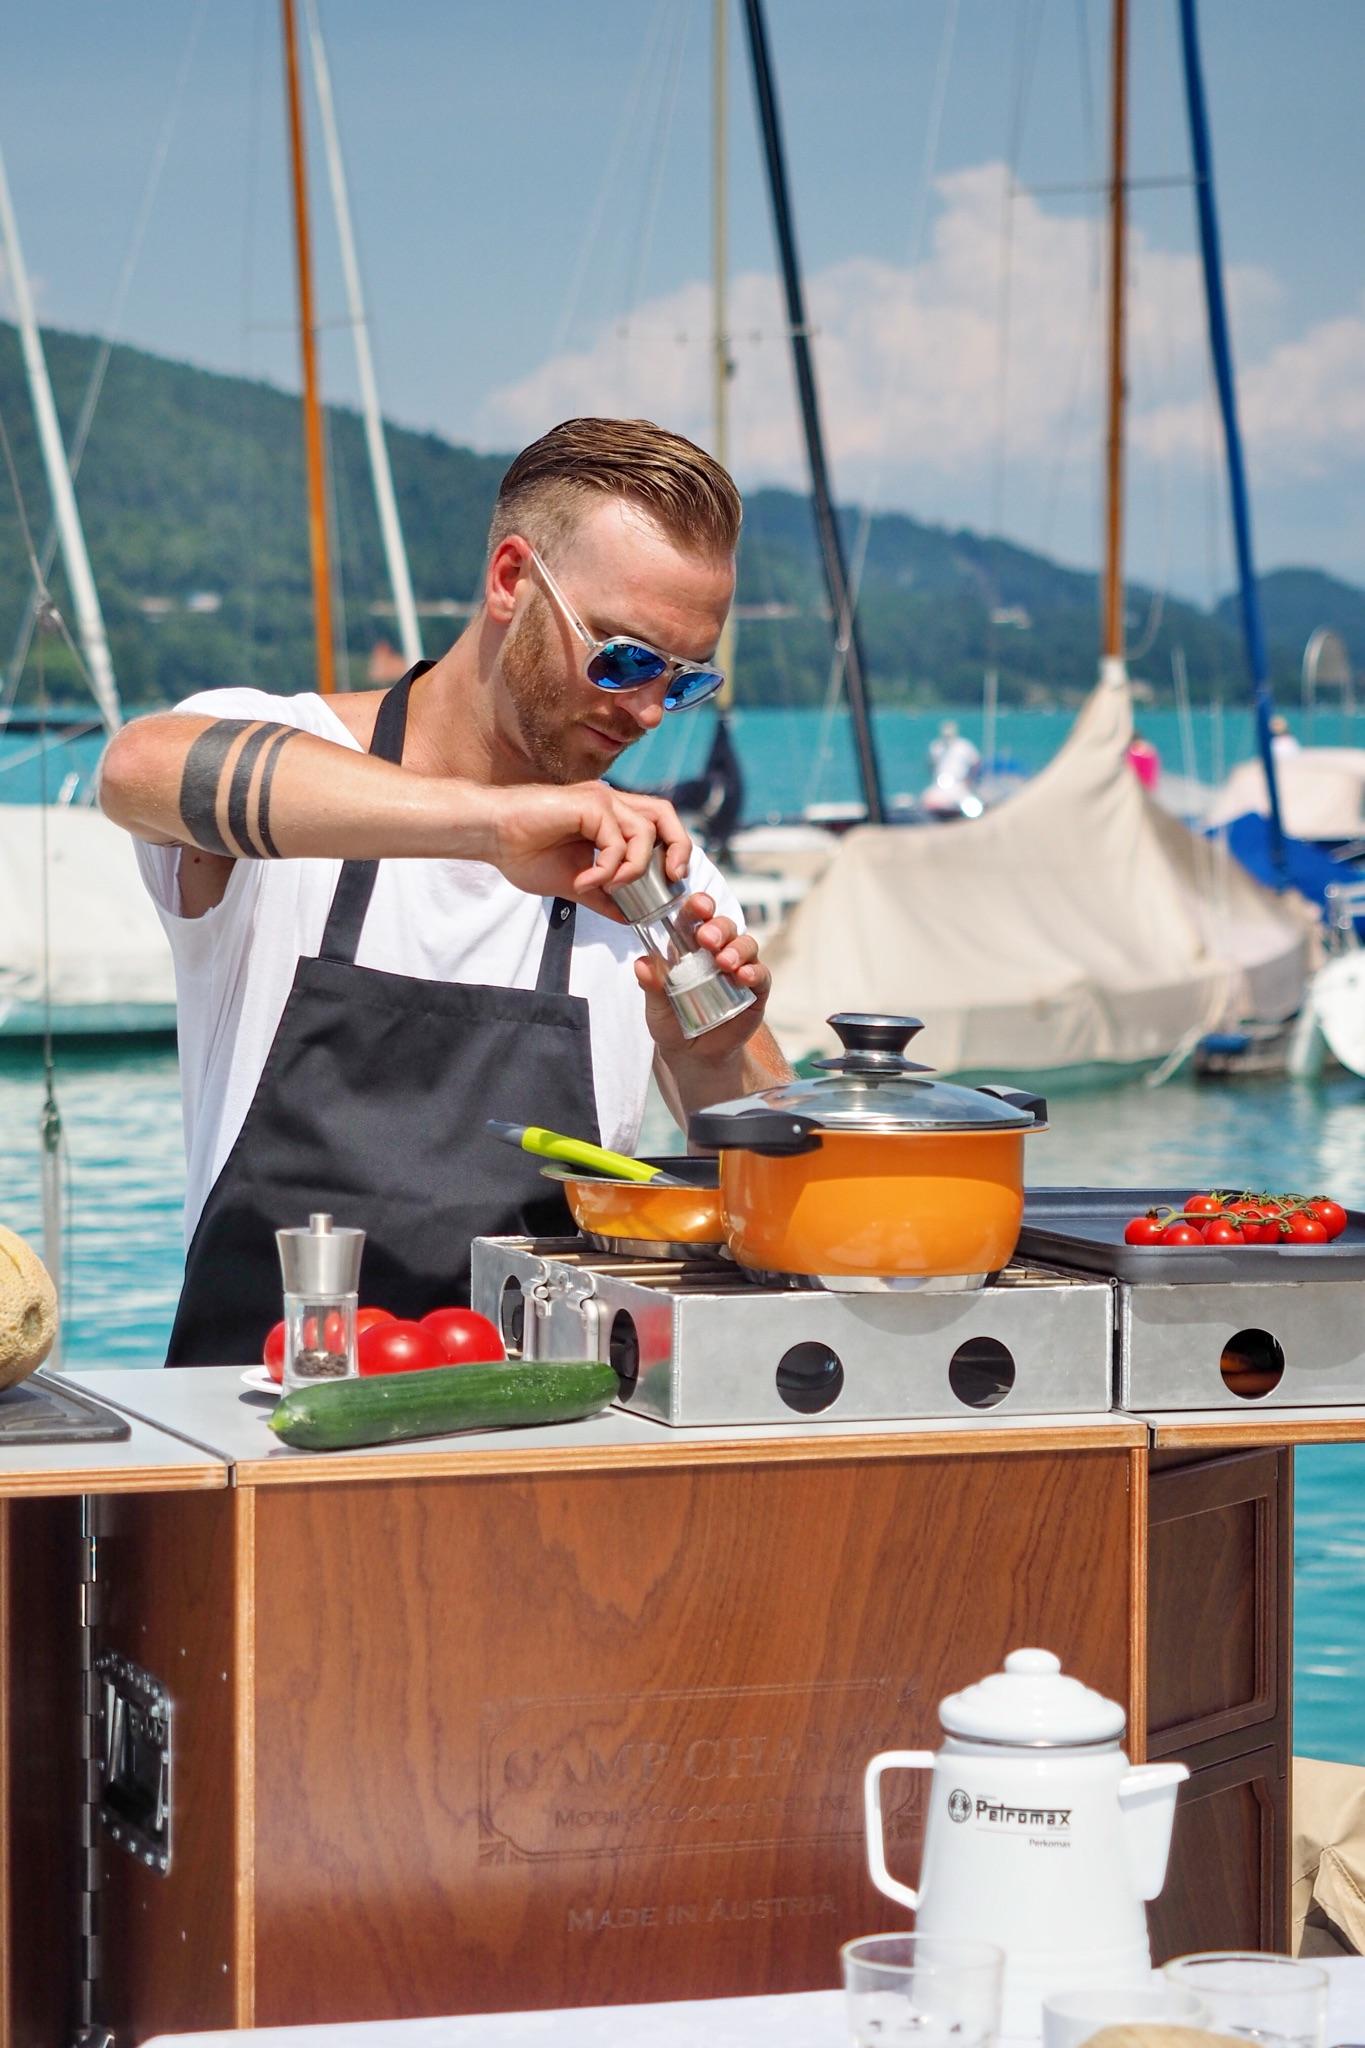 Cuisine Lifestlye - Sascha Zellinger mit seiner mobilen Küche von Camp Champ am Wörthersee